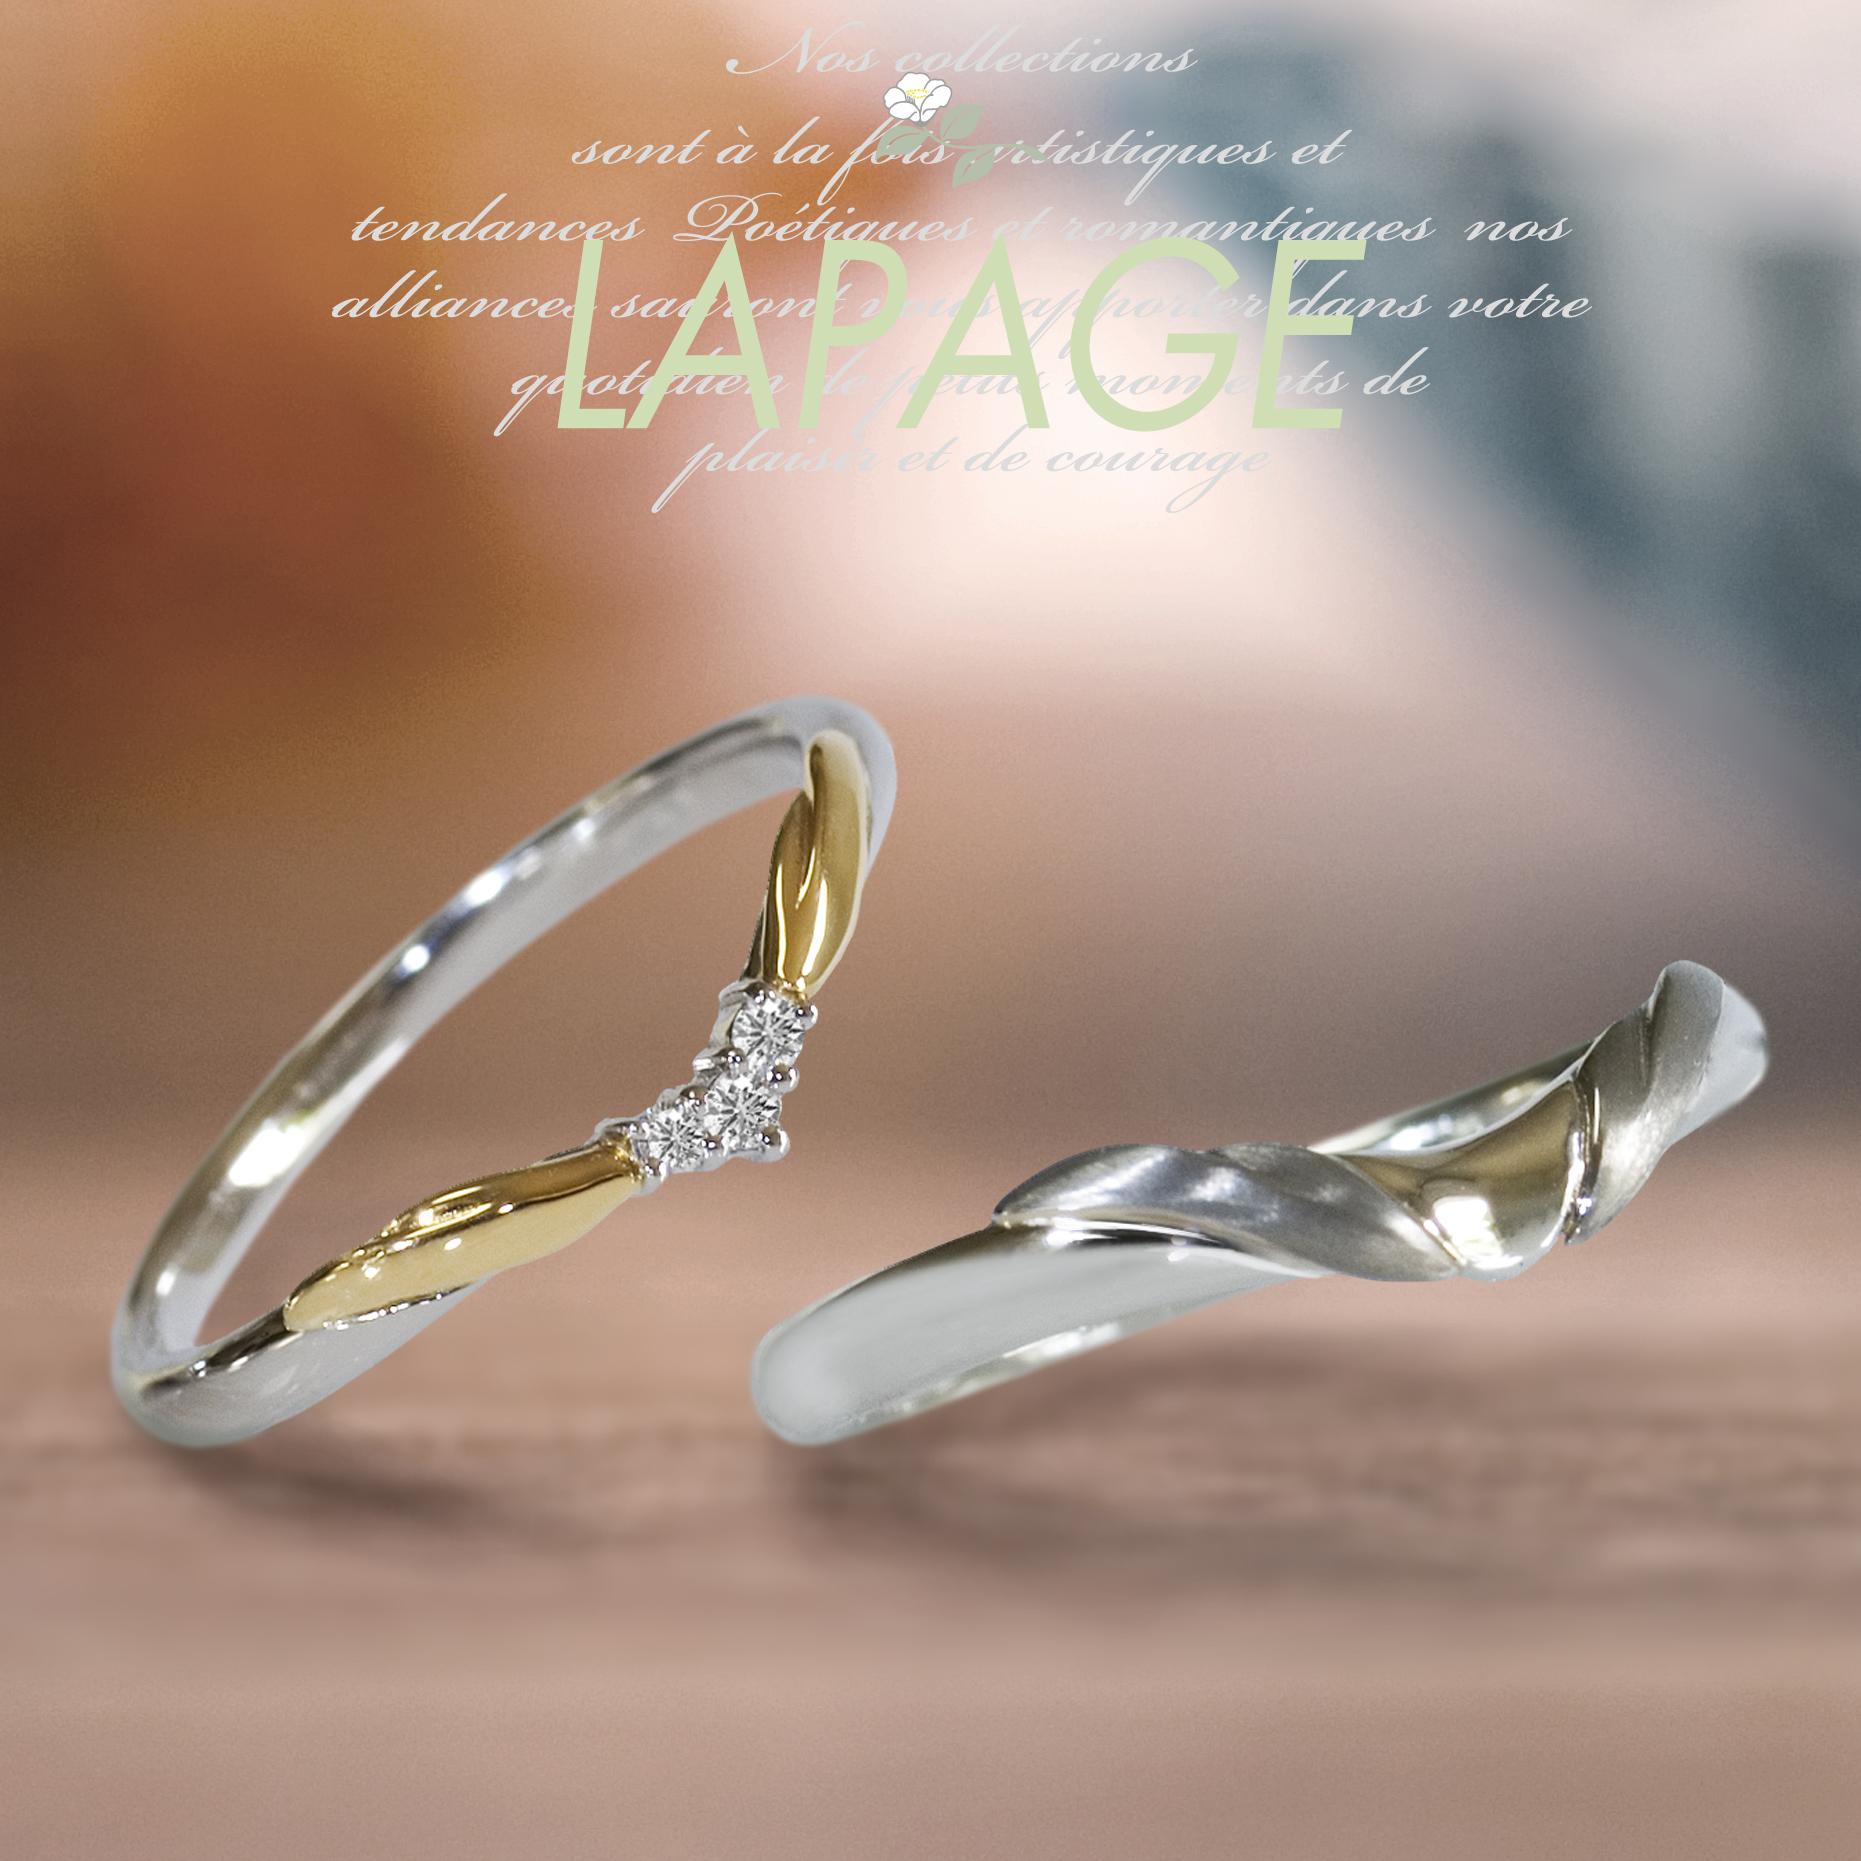 フェミニン,個性的 結婚指輪のニケ、ラ・ヴィクトワール